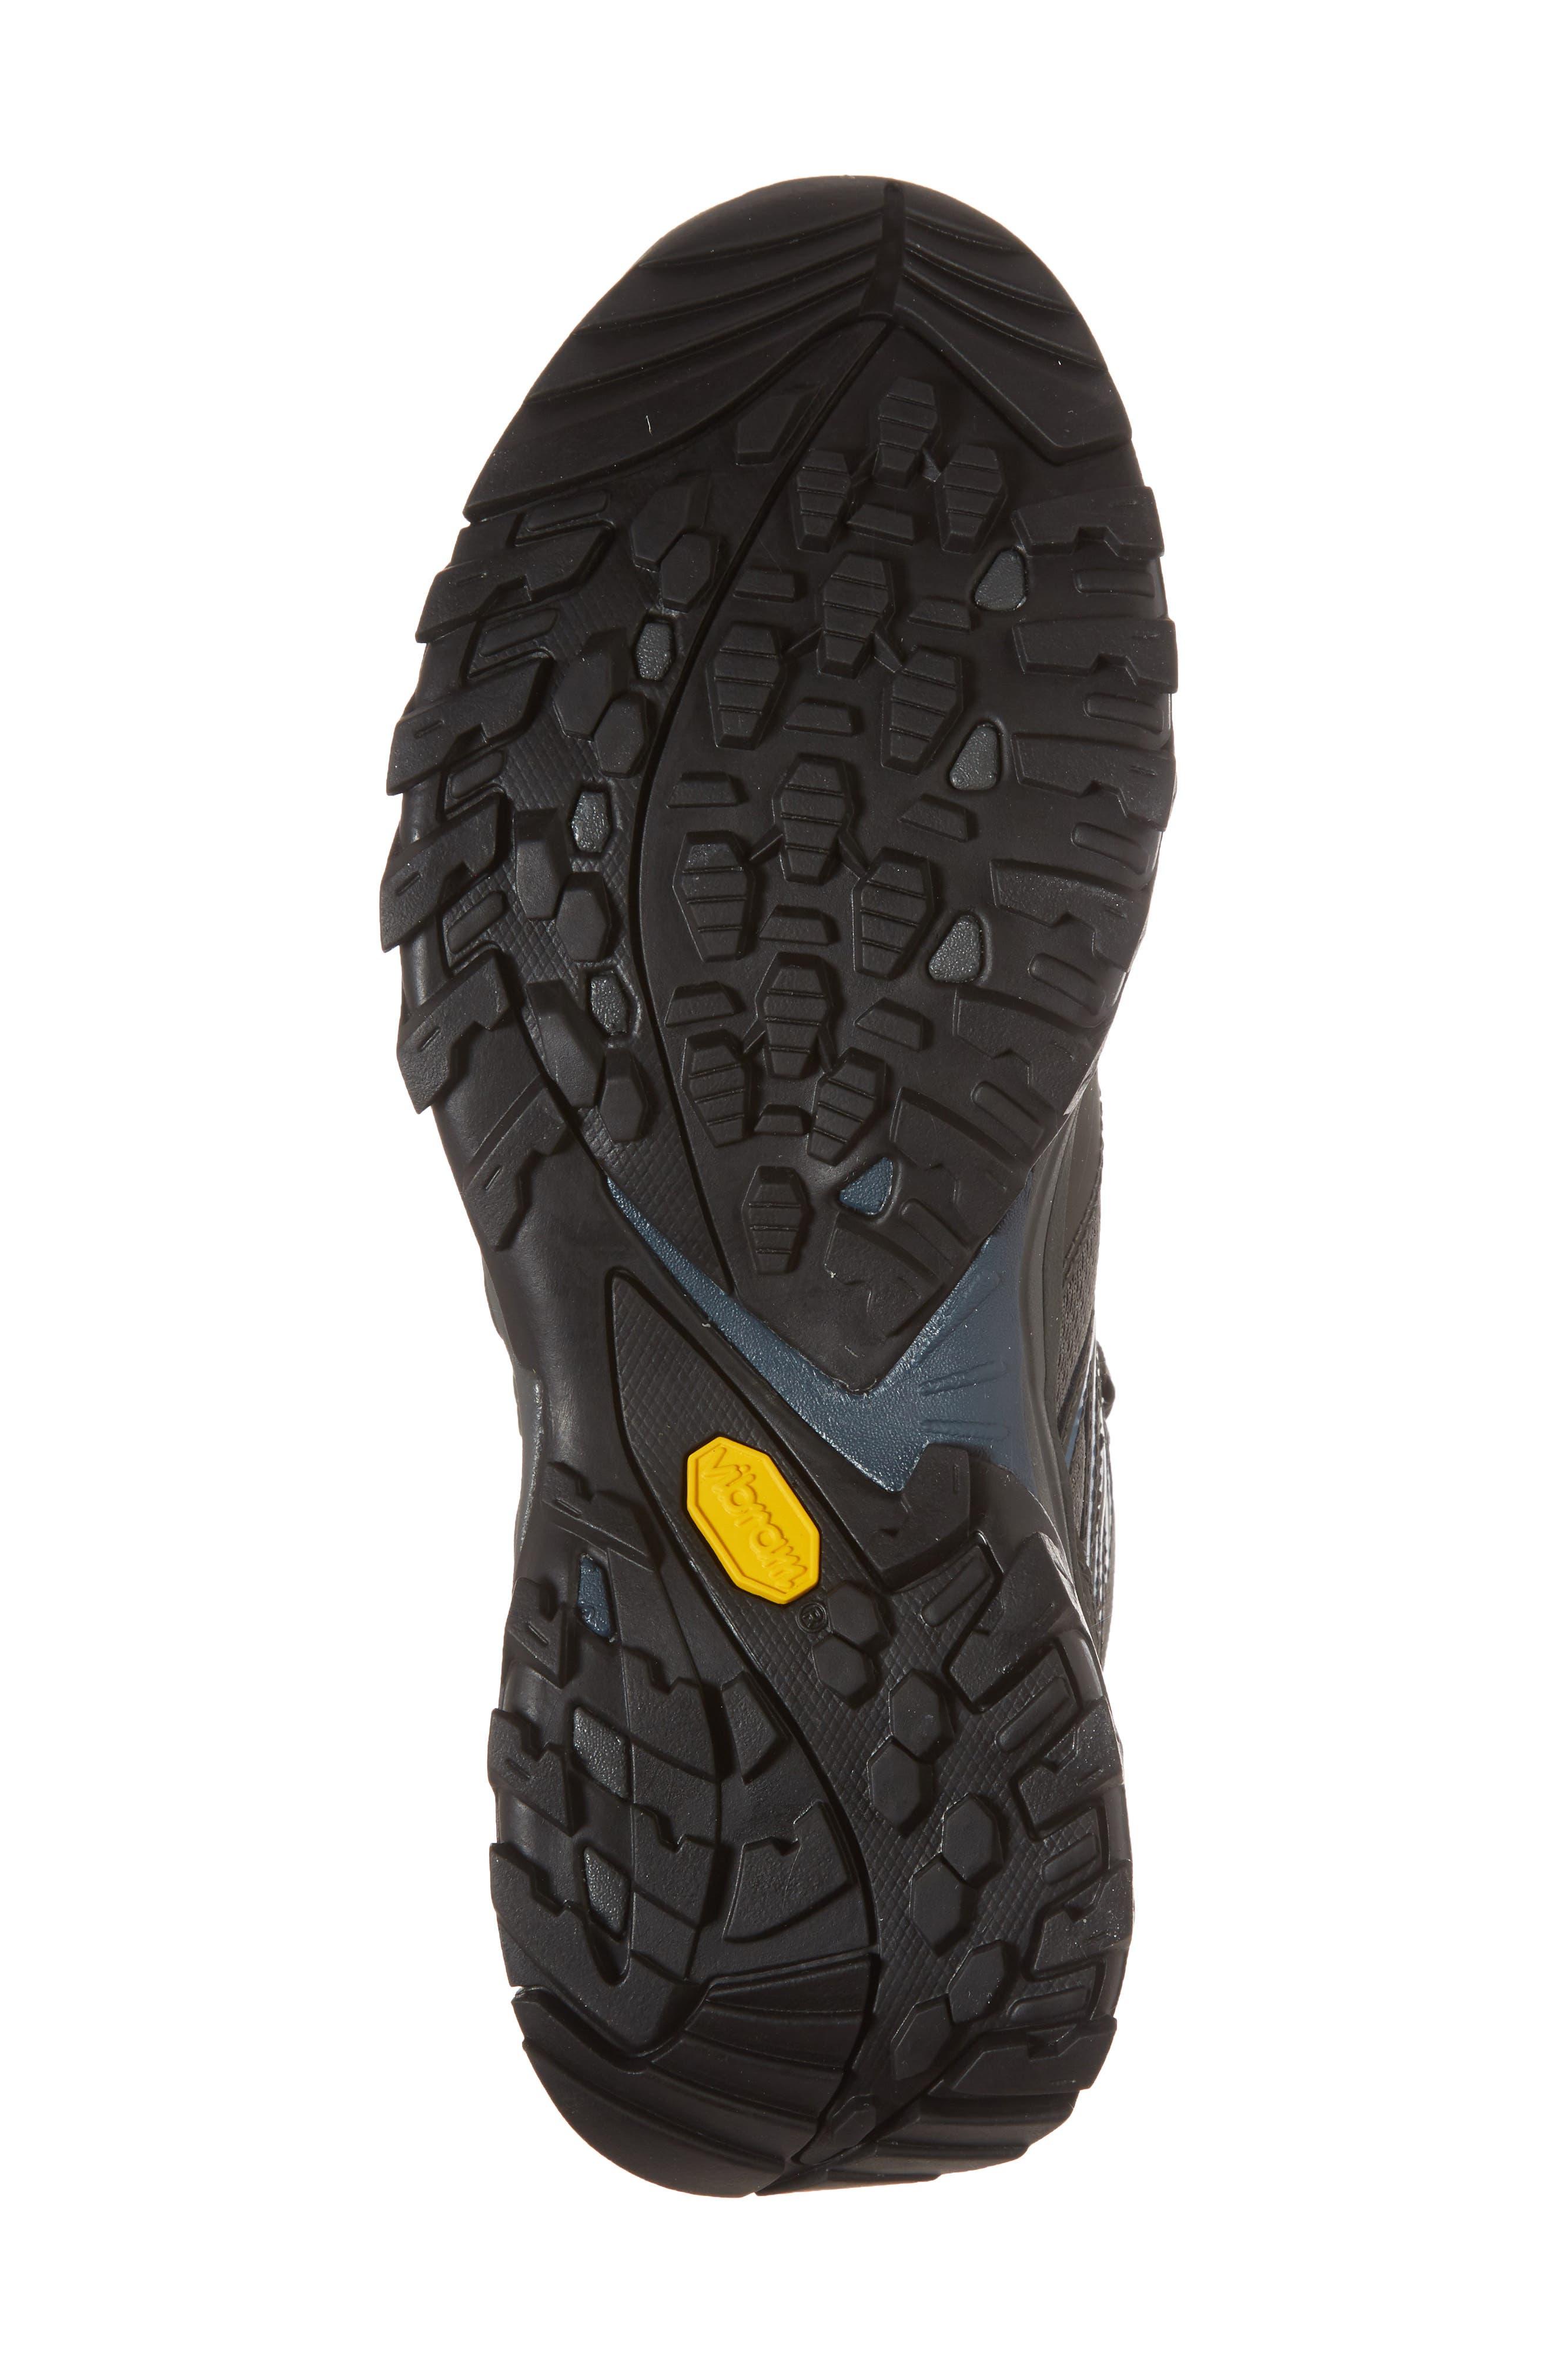 Hedgehog Fastpack Mid Gore-Tex<sup>®</sup> Waterproof Hiking Shoe,                             Alternate thumbnail 6, color,